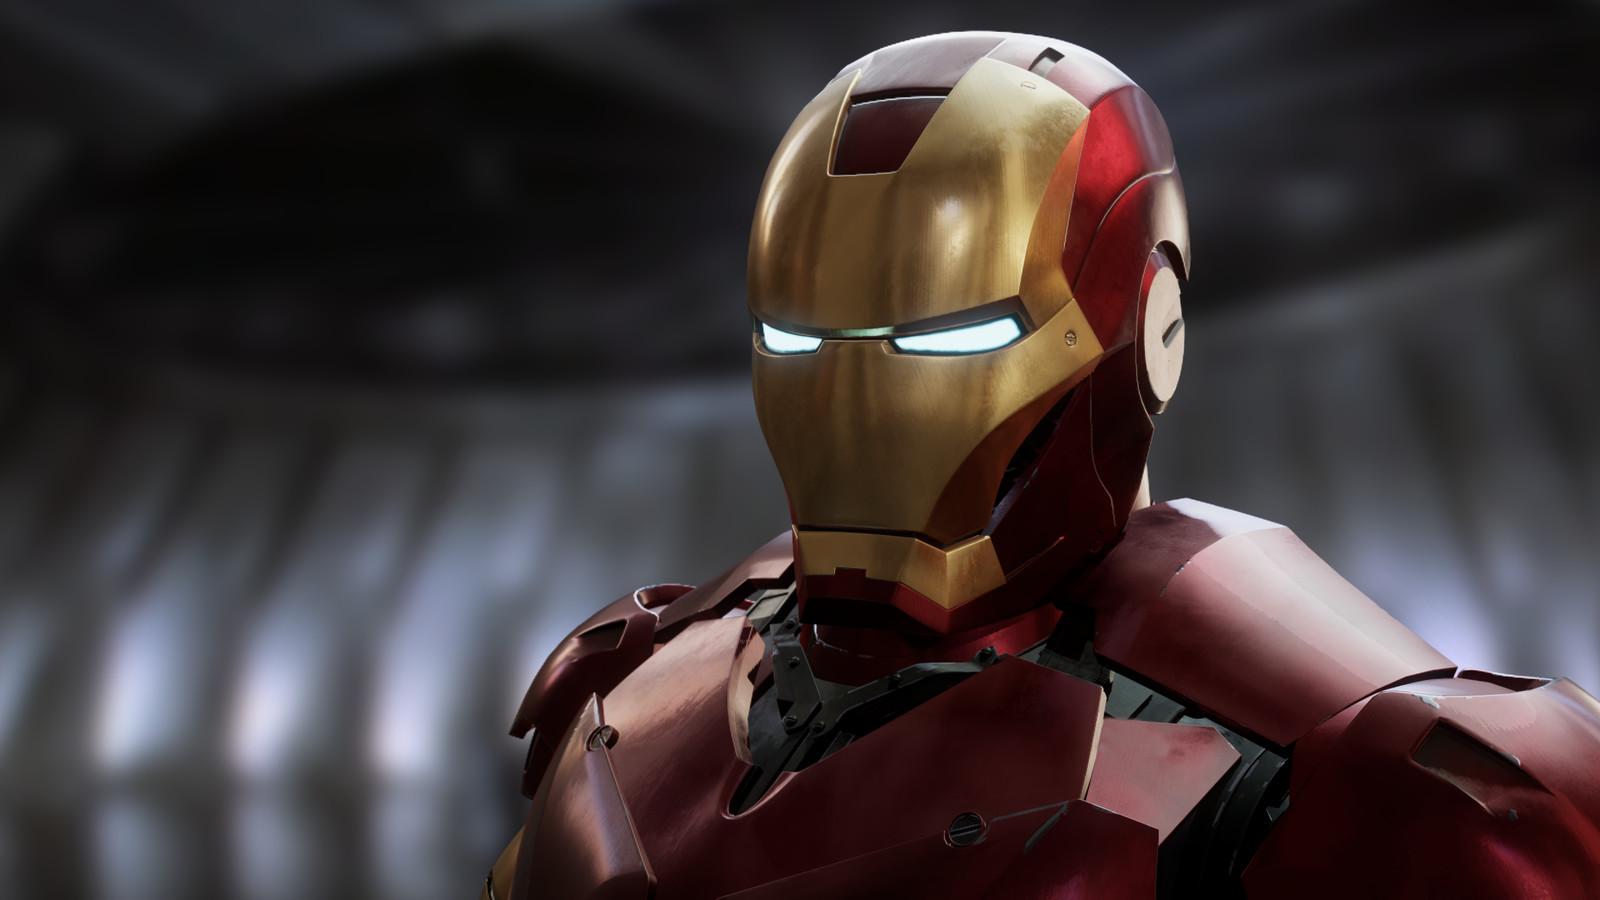 Iron Man (Mark 3)